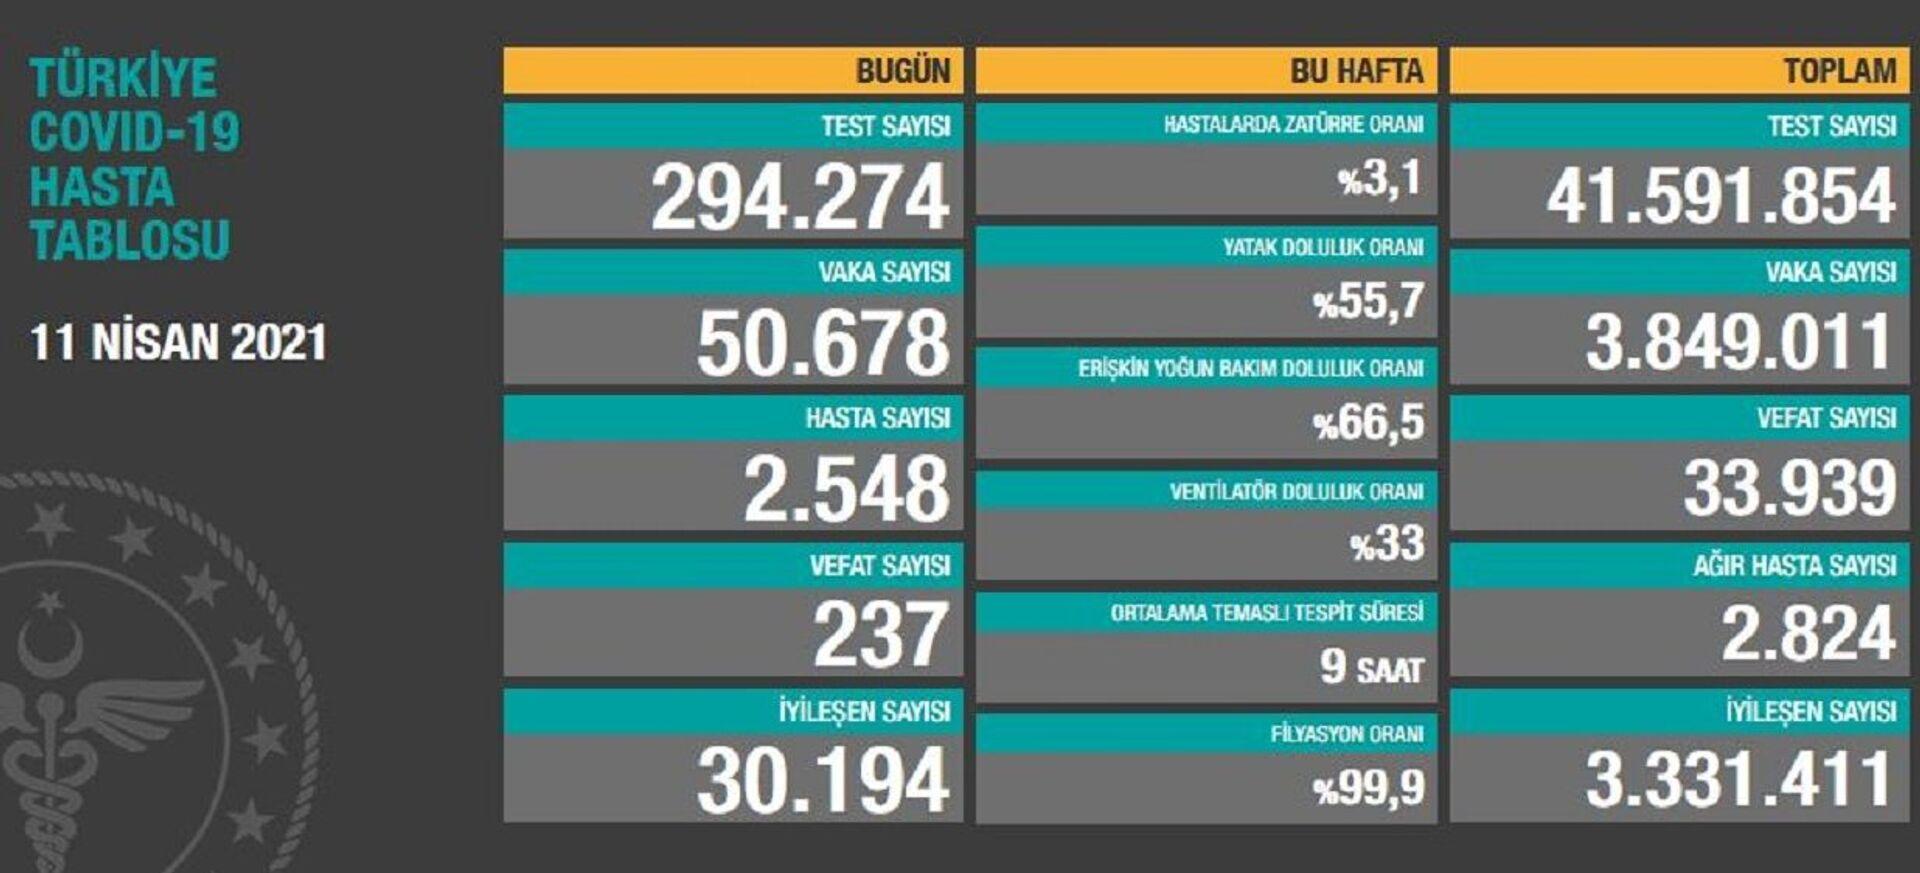 Türkiye'de son 24 saatte 50 bin 678 kişinin testi pozitif çıktı, 237 kişi hayatını kaybetti - Sputnik Türkiye, 1920, 11.04.2021